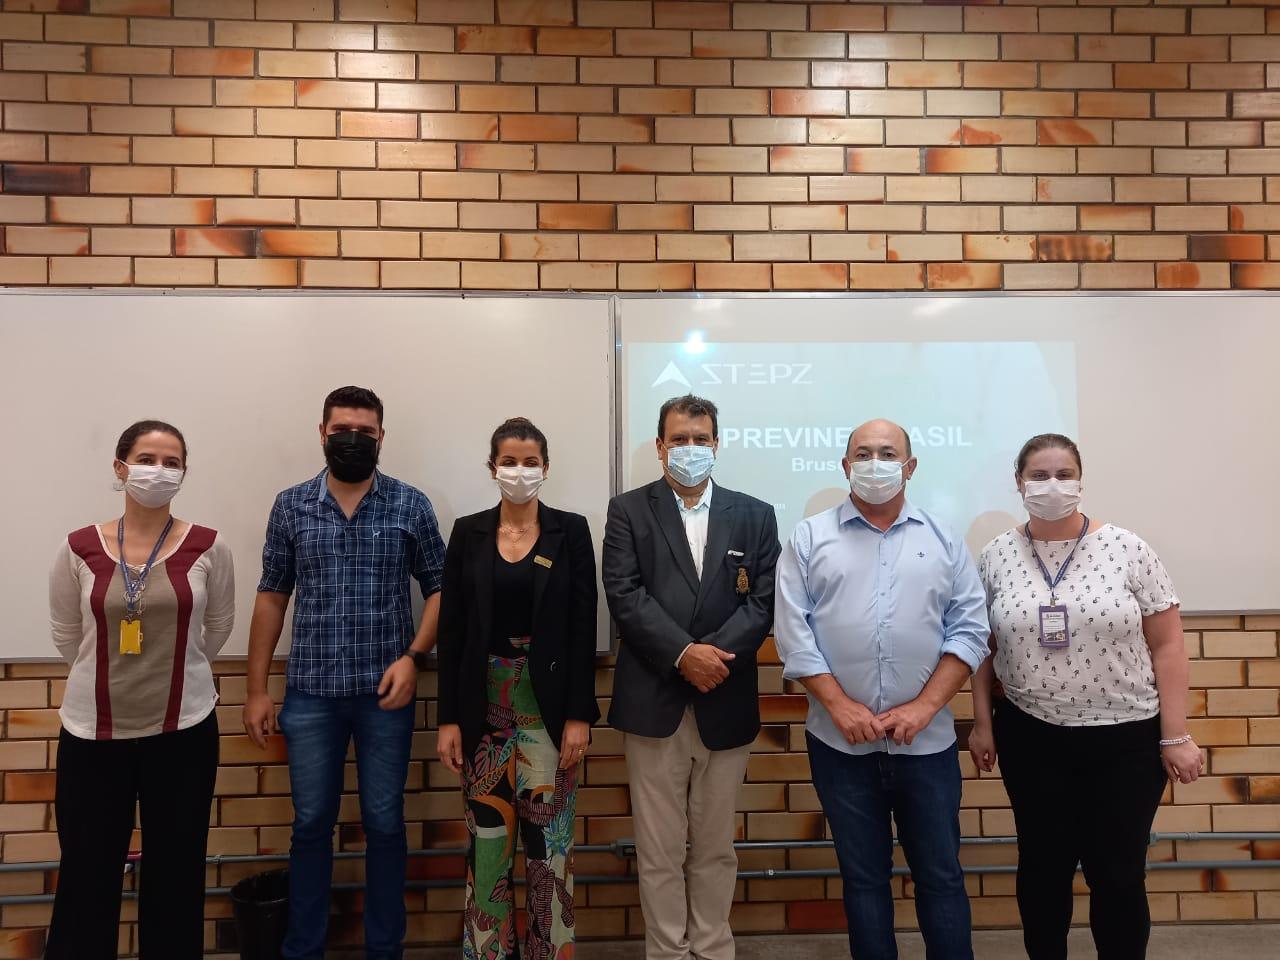 Servidores da Secretaria de Saúde participam de capacitação sobre o programa Previne Brasil